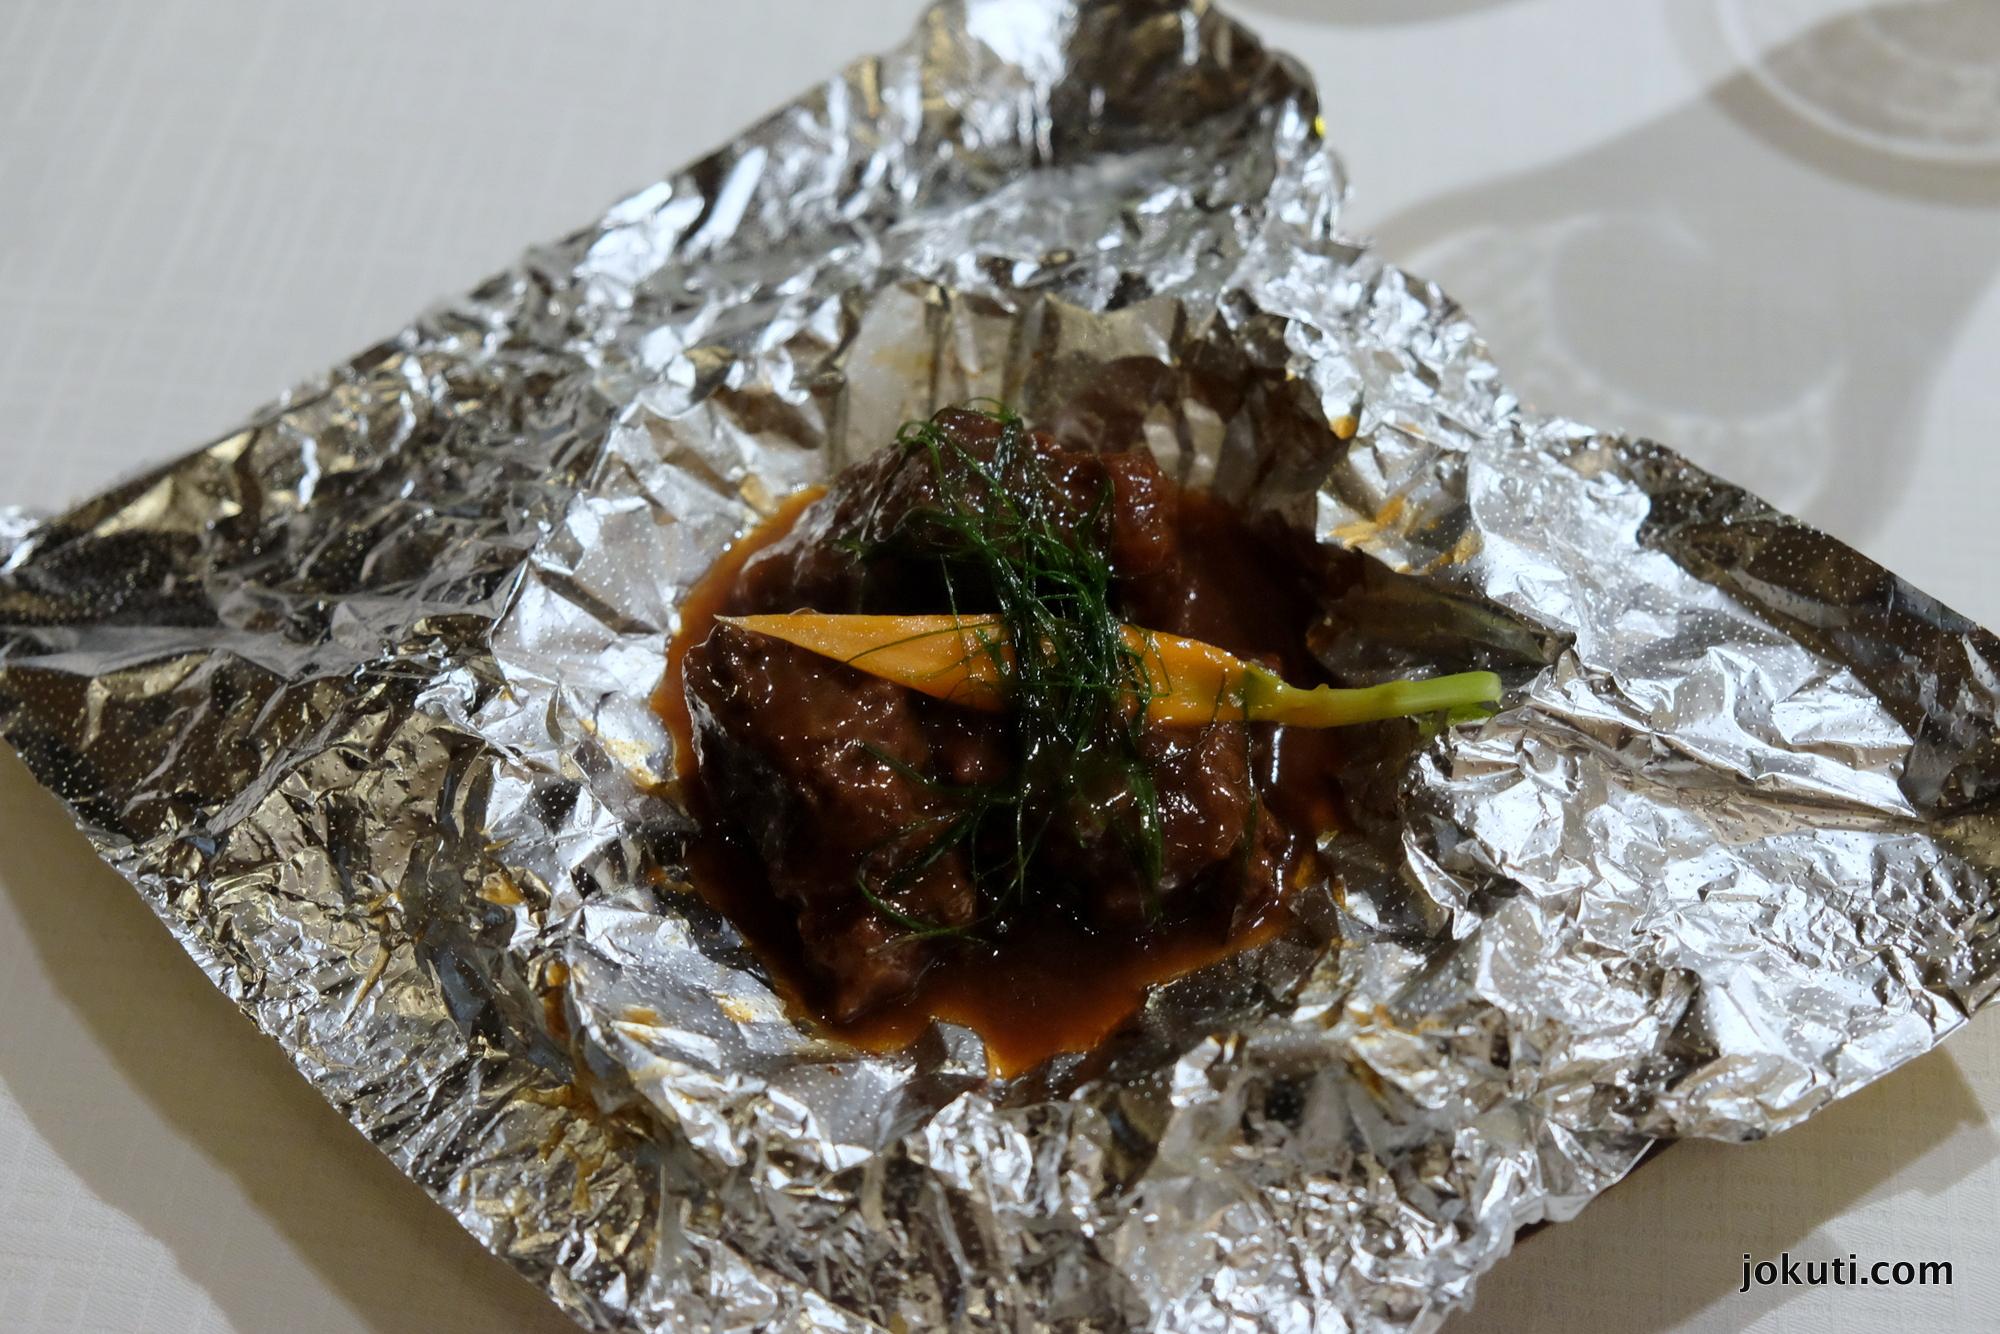 dscf6914_jade_dragon_restaurant_cantonese_chinese_michelin_macau_makao_china_kinai_vilagevo_jokuti.jpg